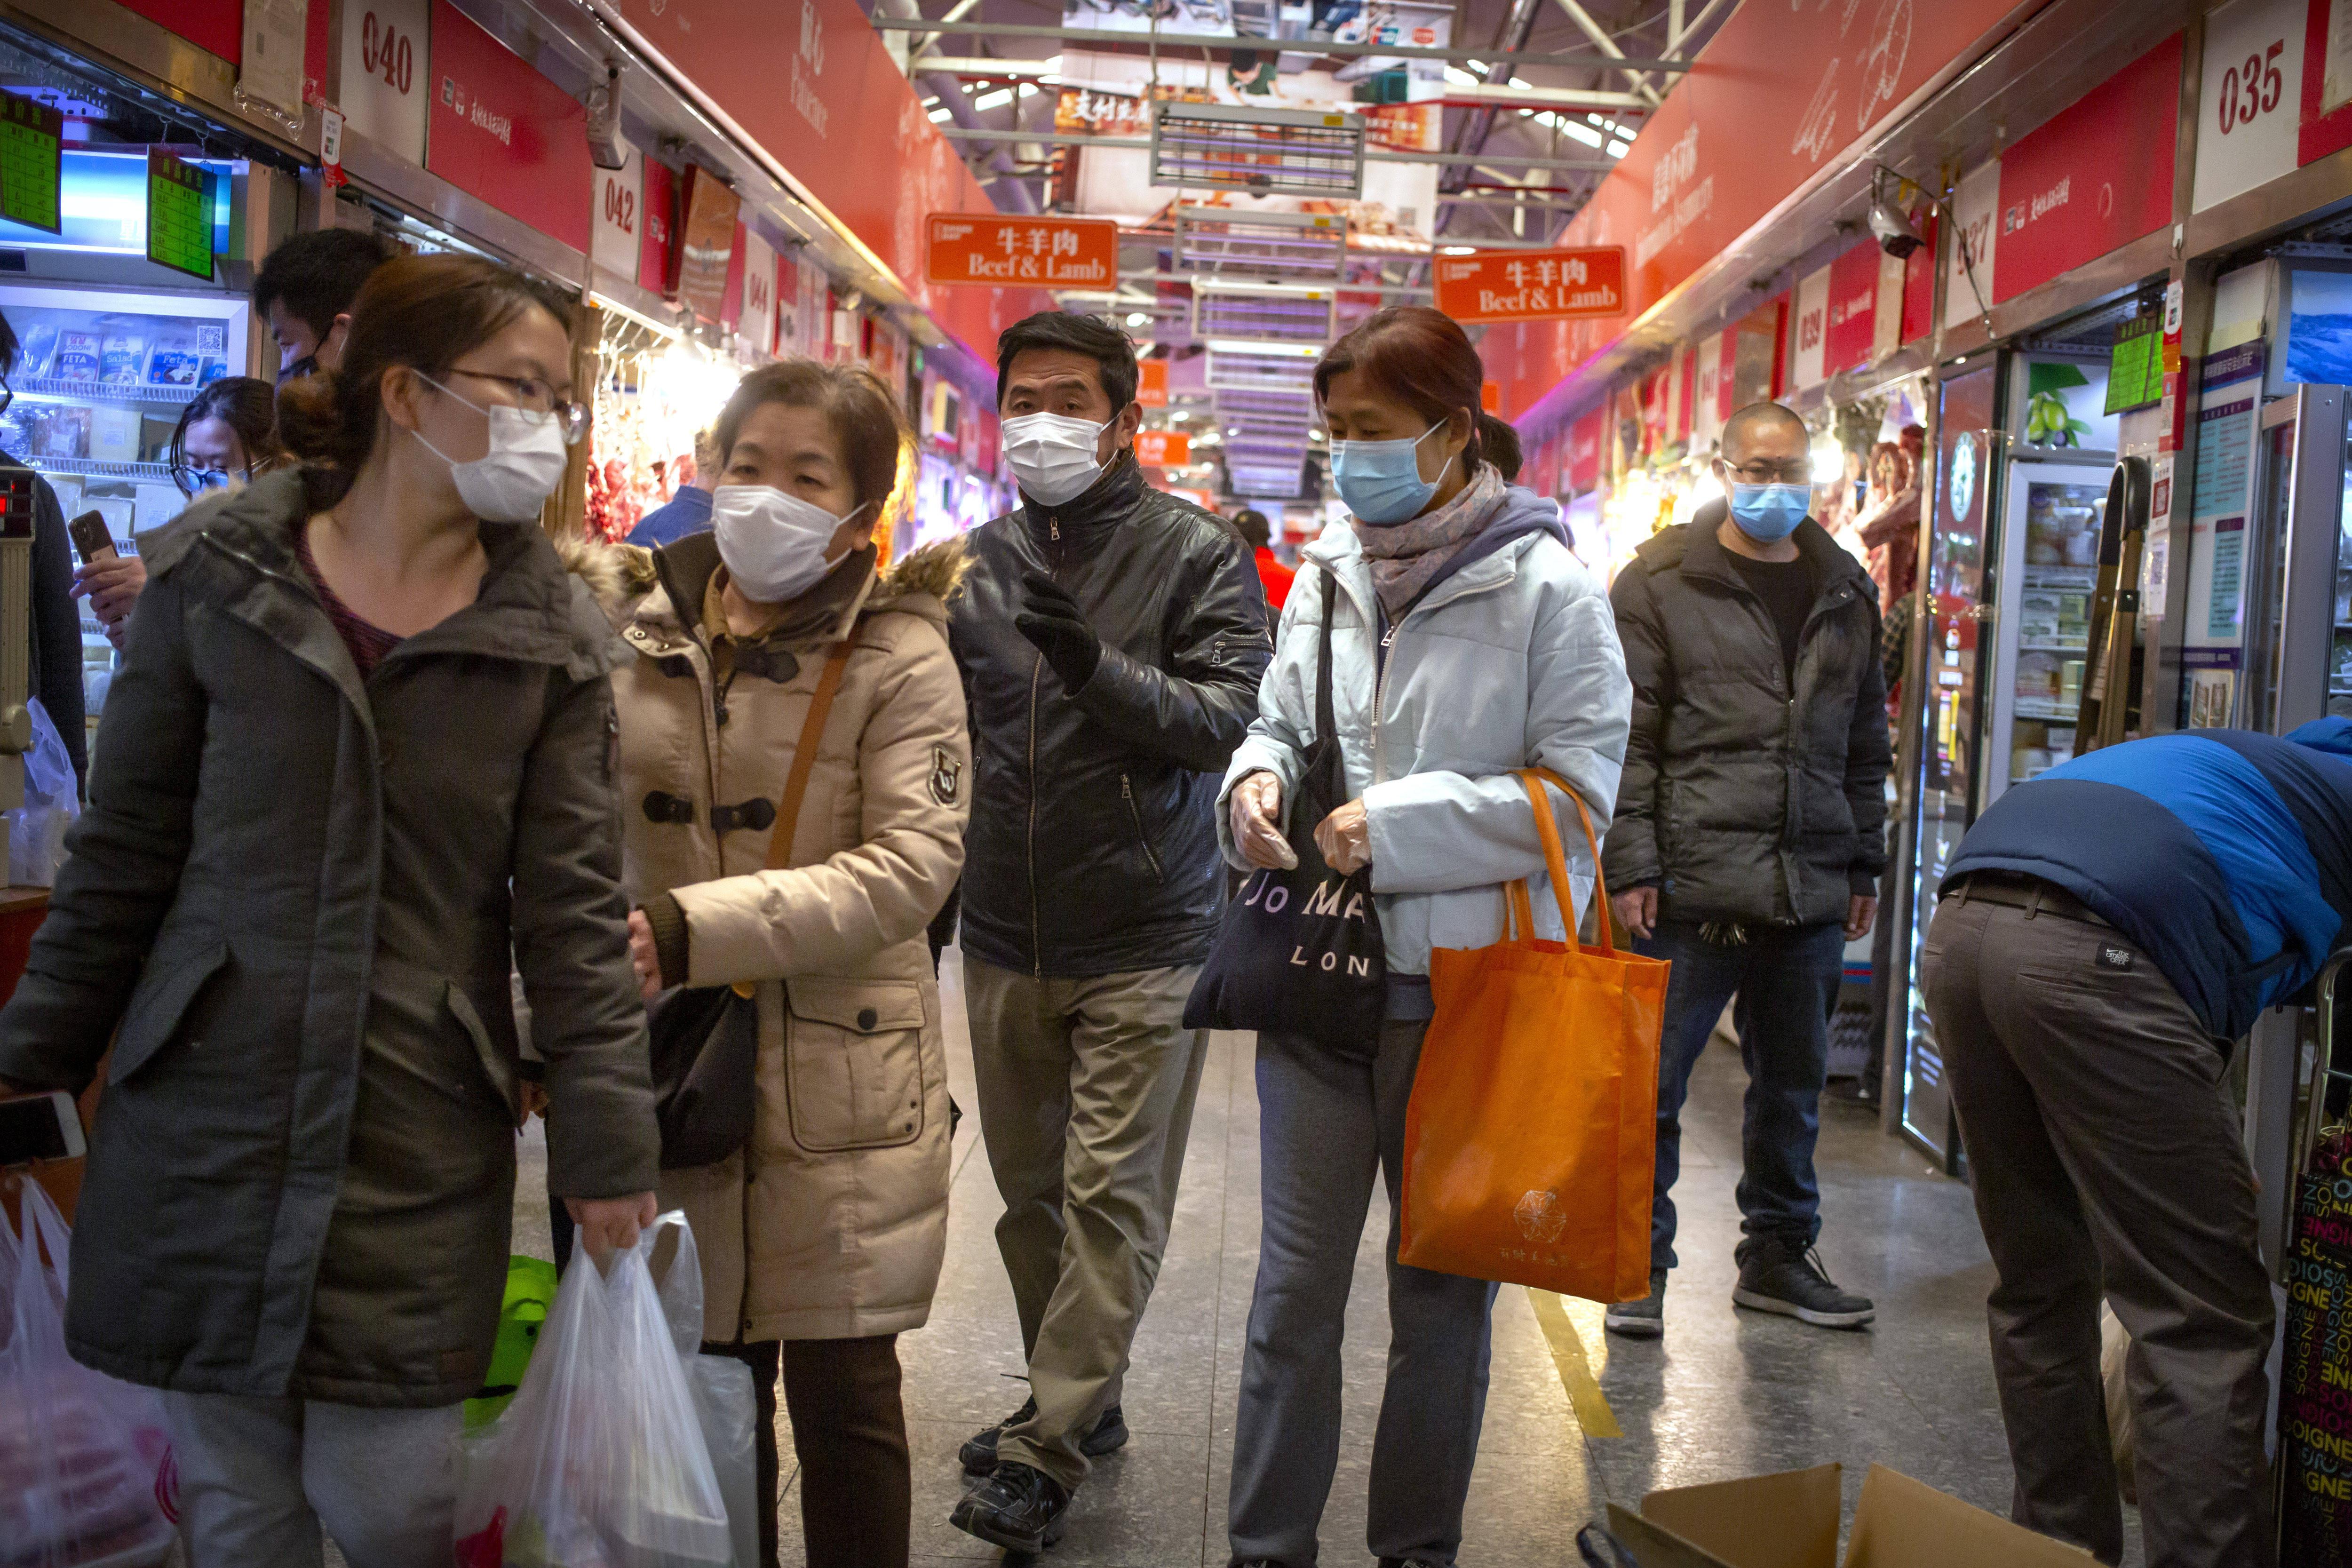 Des gens portent des masques pour faire leurs courses dans un marché de Pékin, le samedi 14 mars 2020.